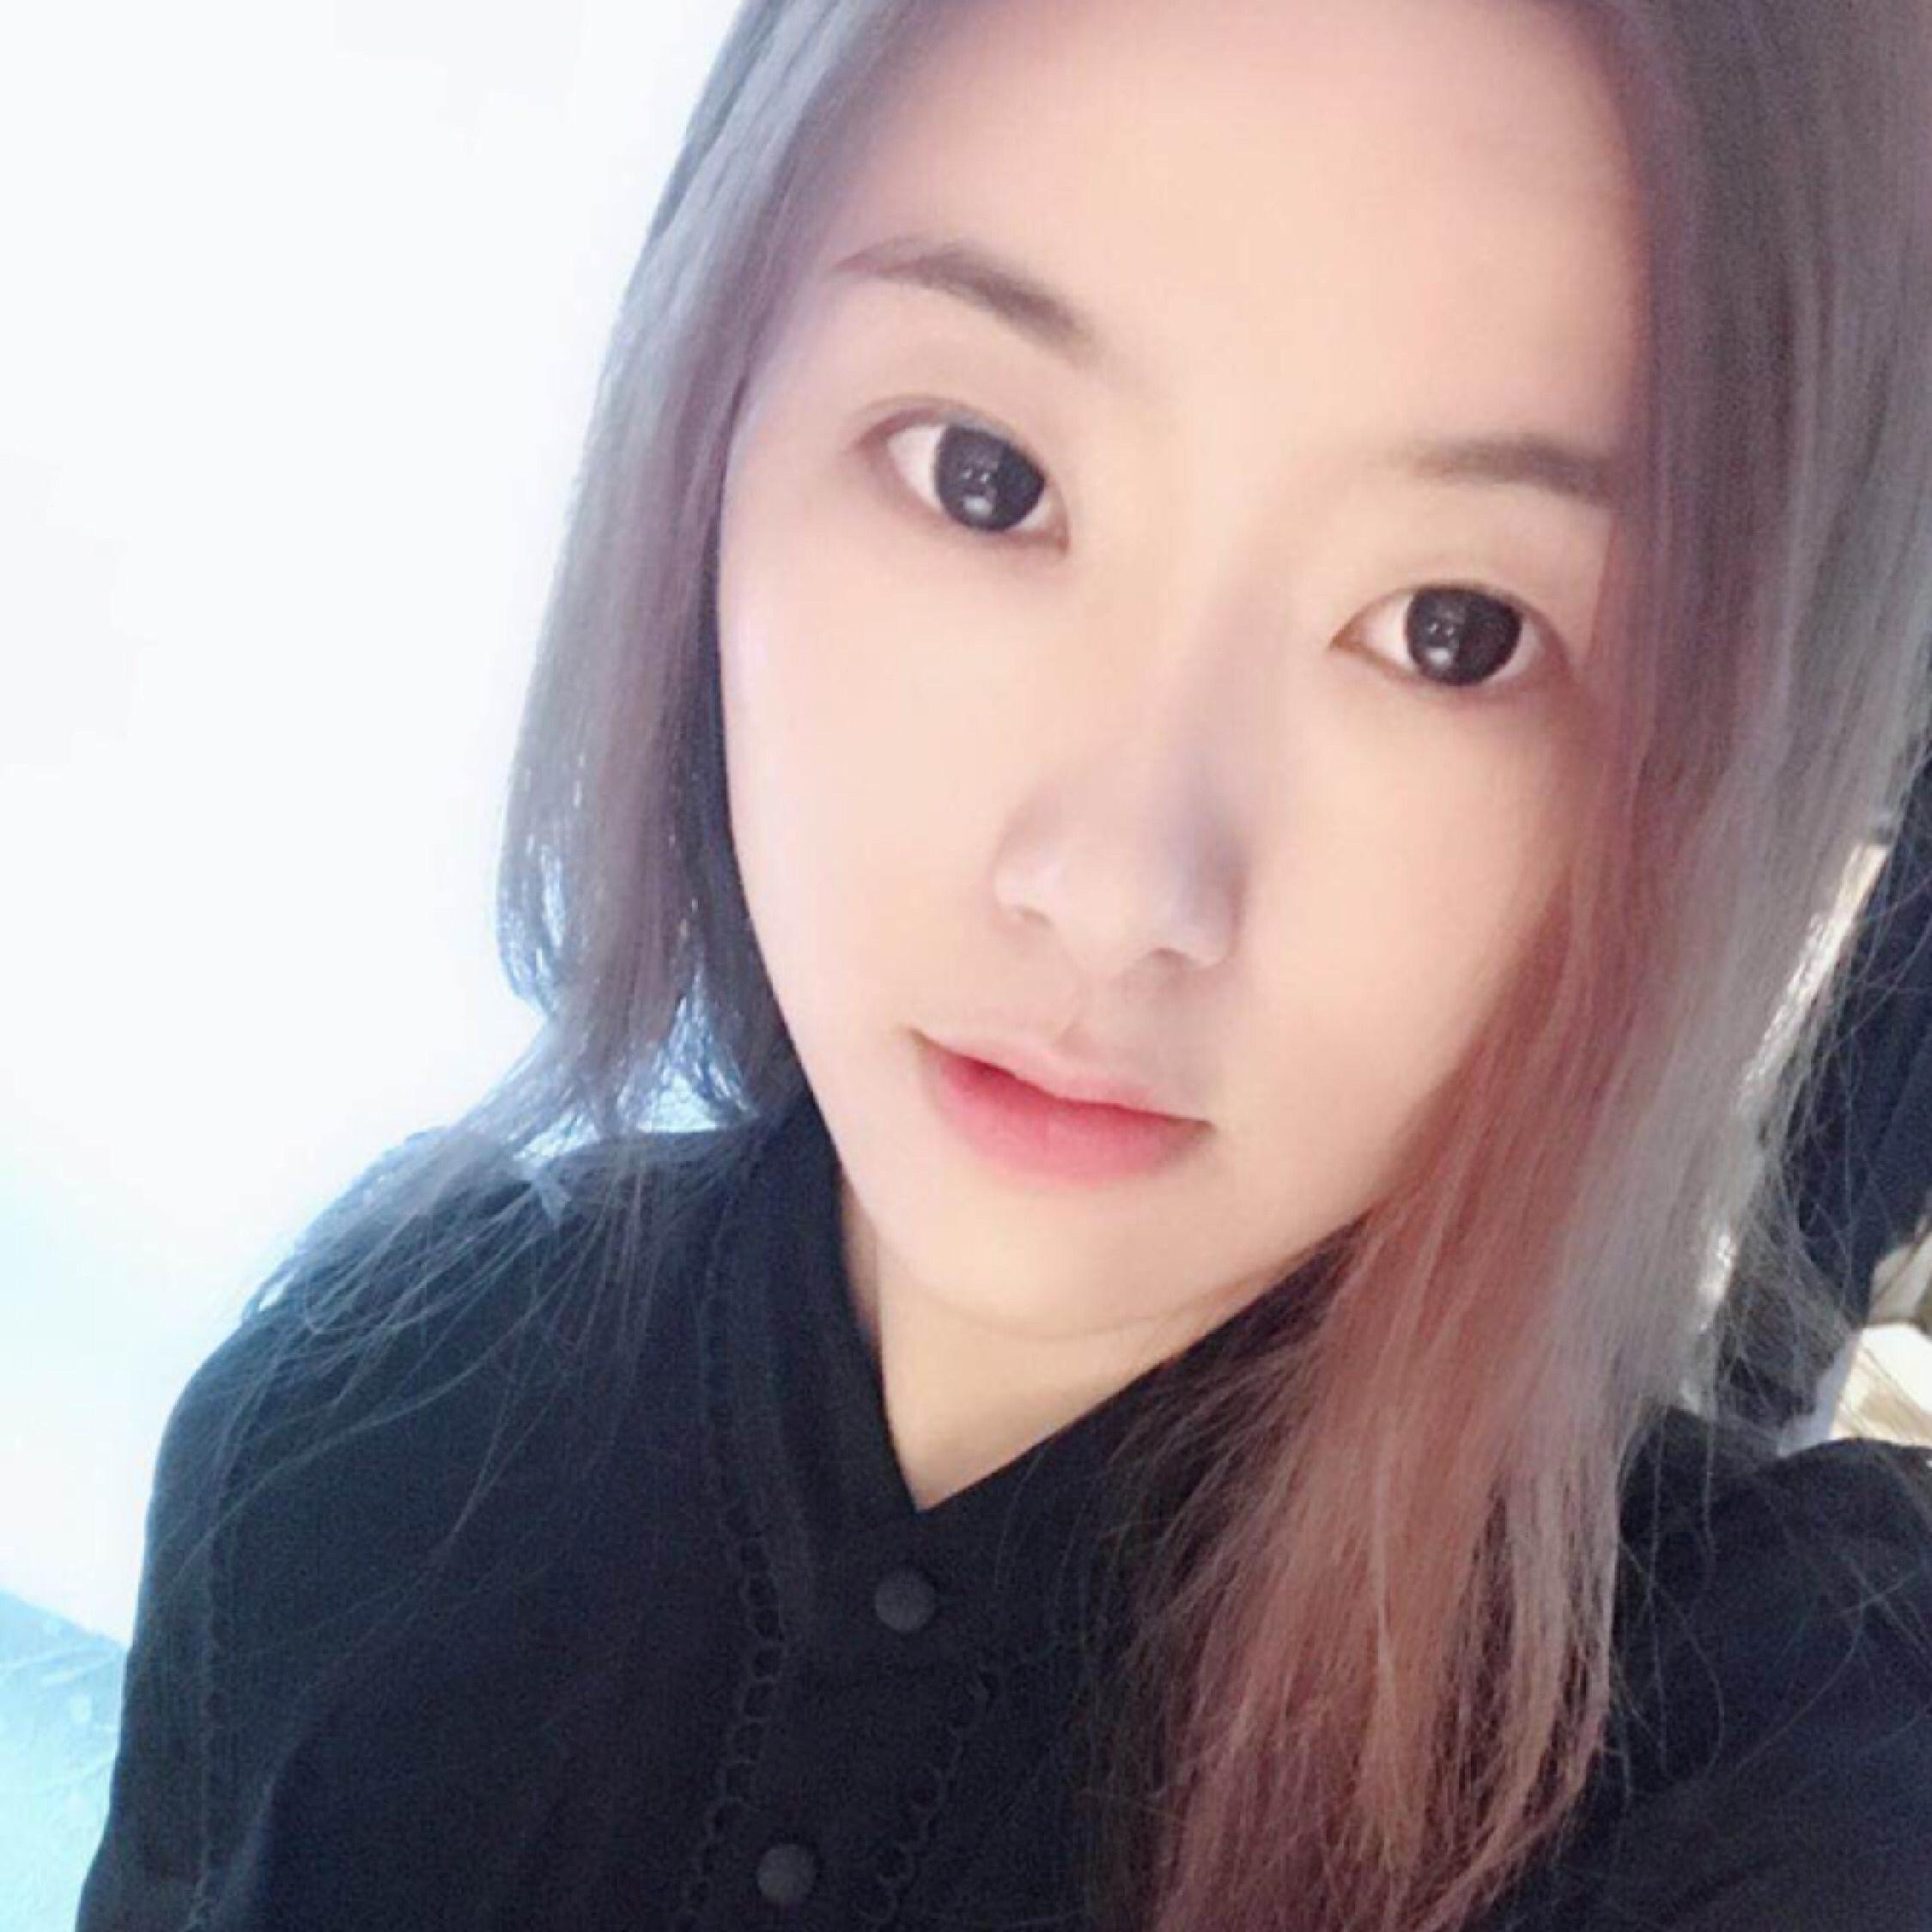 小仙女520